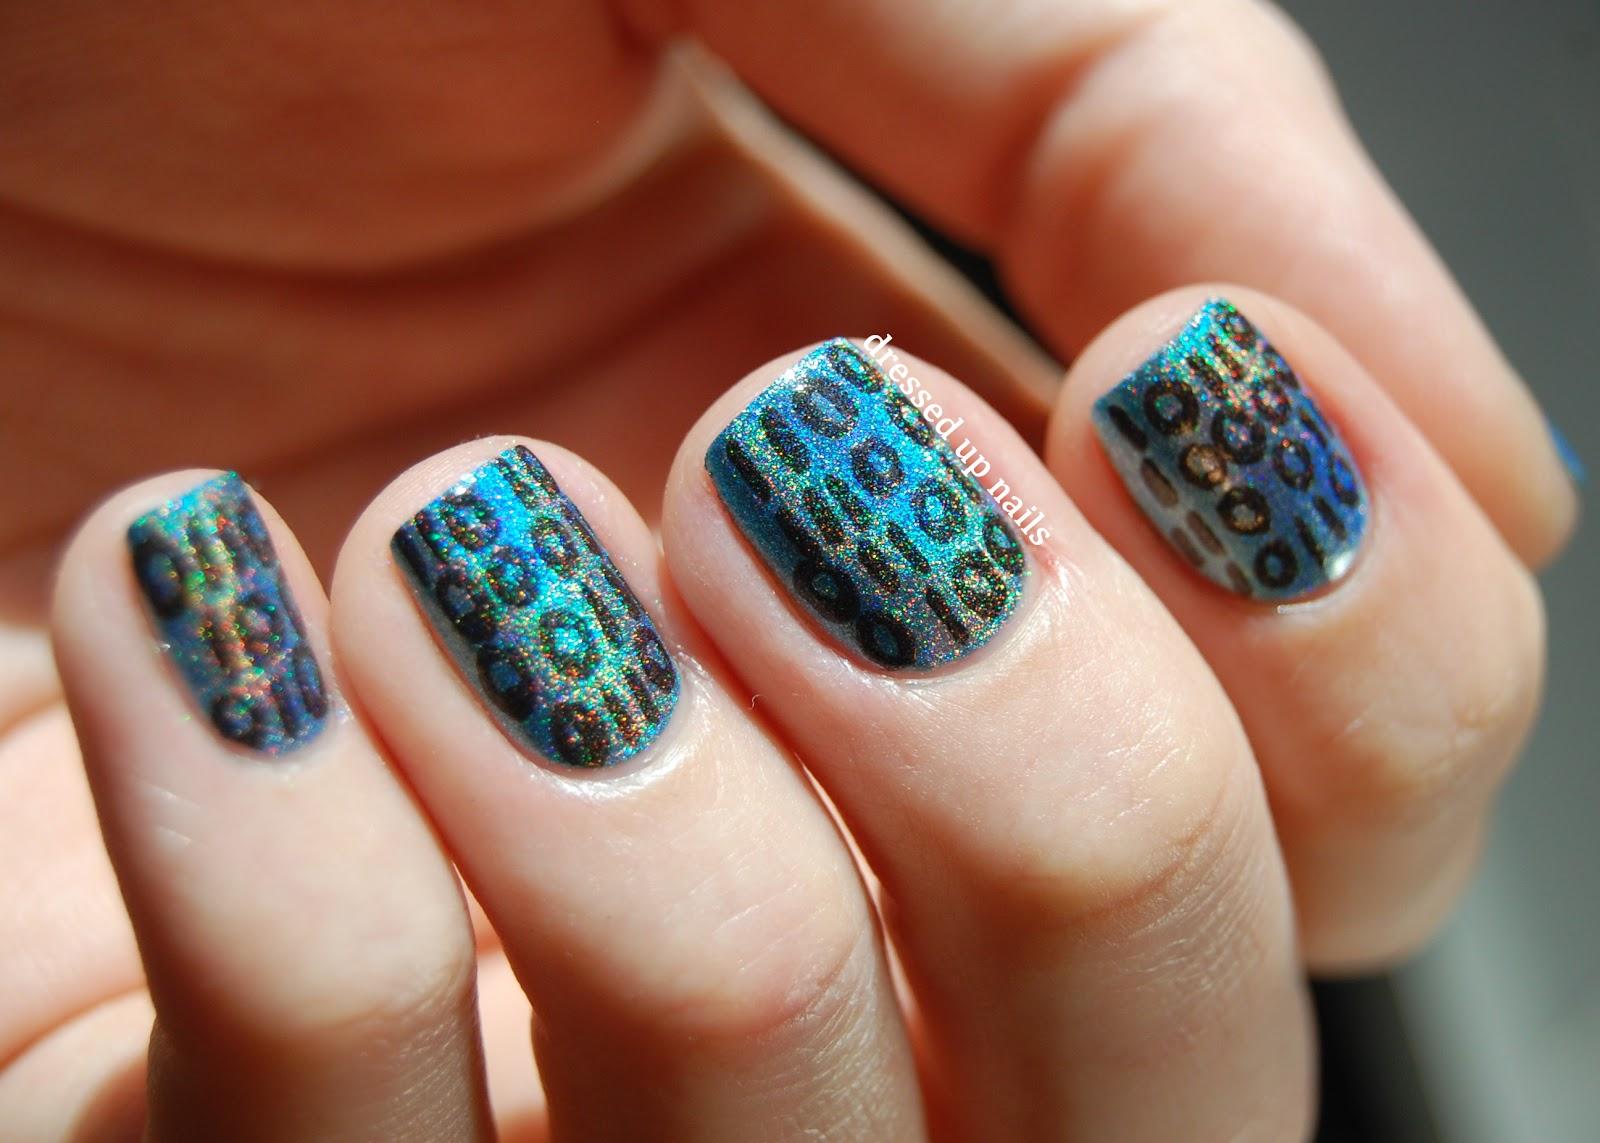 Contemporary Geek Nail Art Photo - Nail Art Ideas - morihati.com